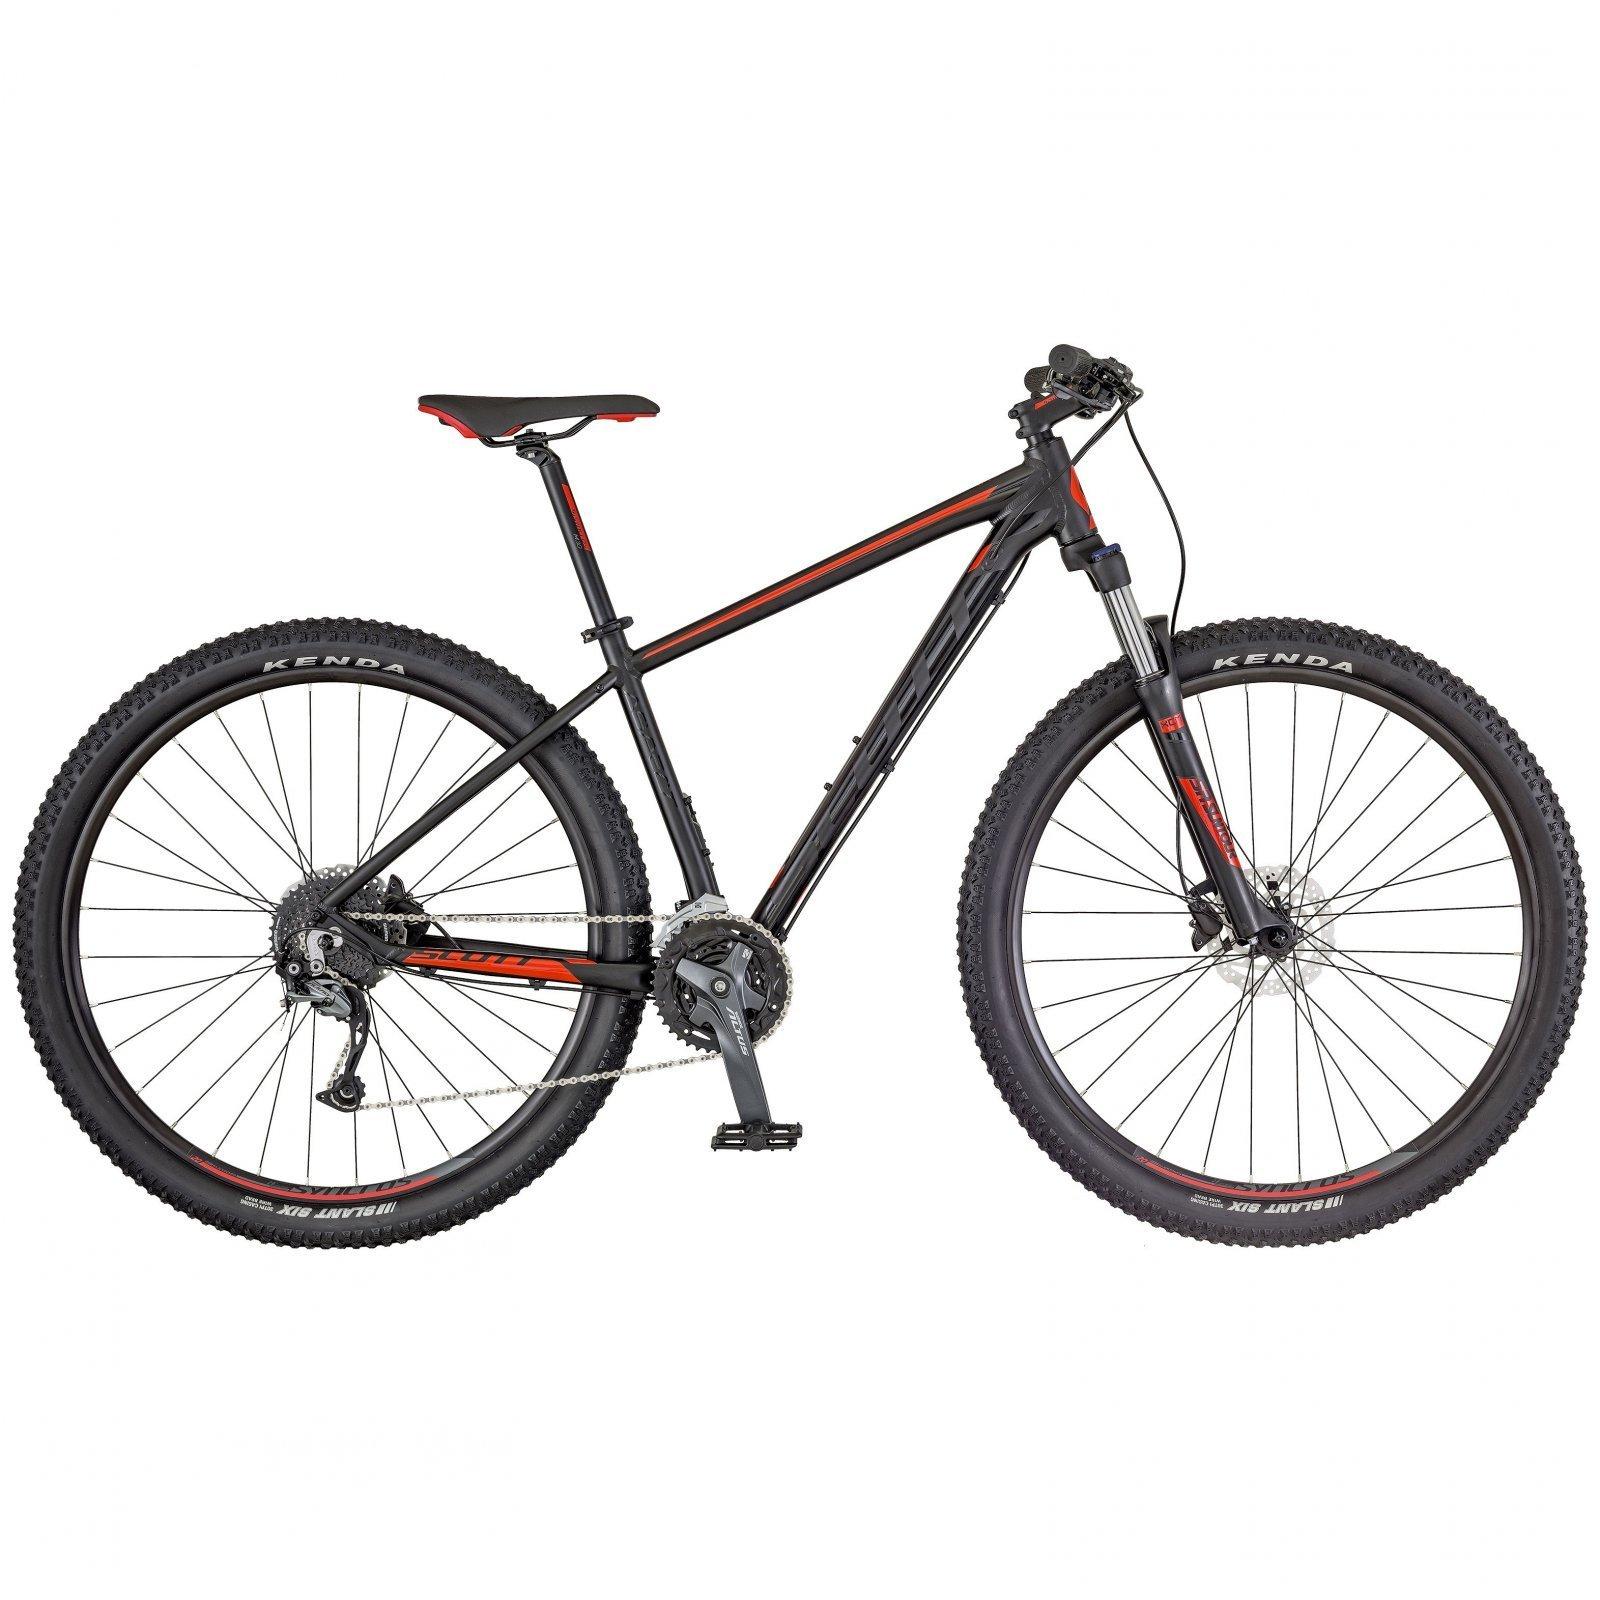 Bicicleta Scott Aspect 940 Aro 29 27vel 2018